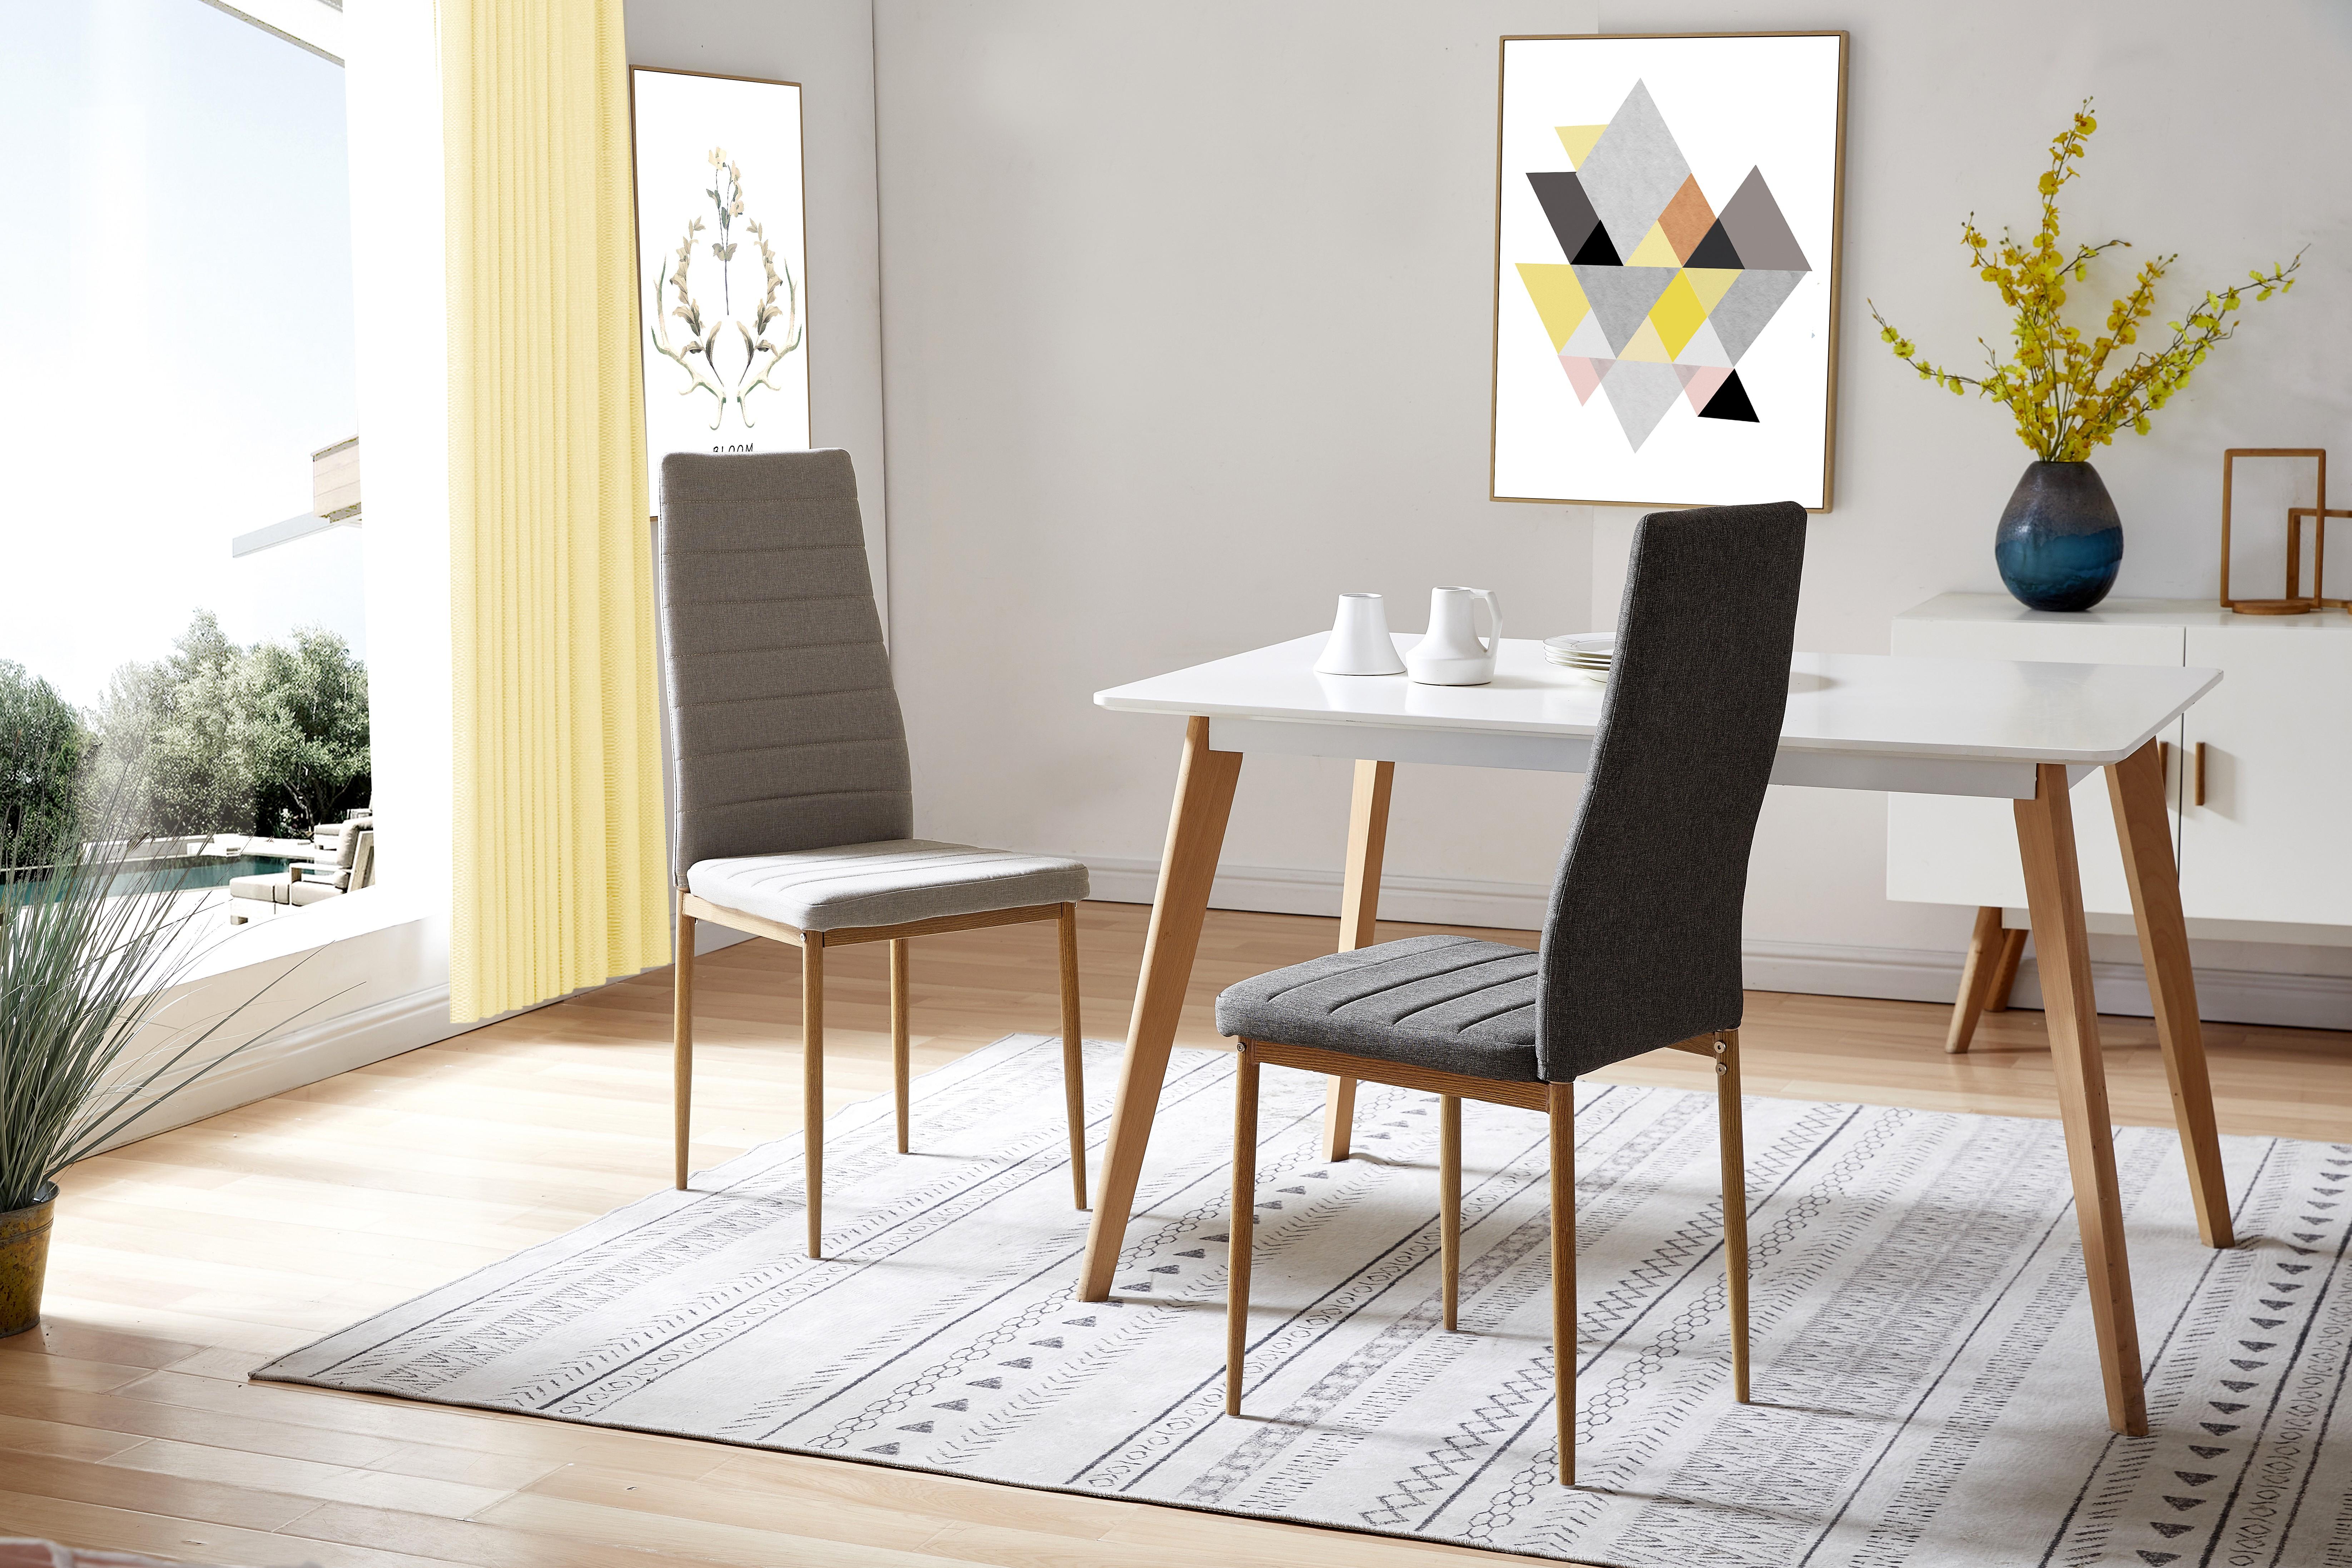 ANNA-Chaises de salle à manger tissu gris pieds effet bois (x4)